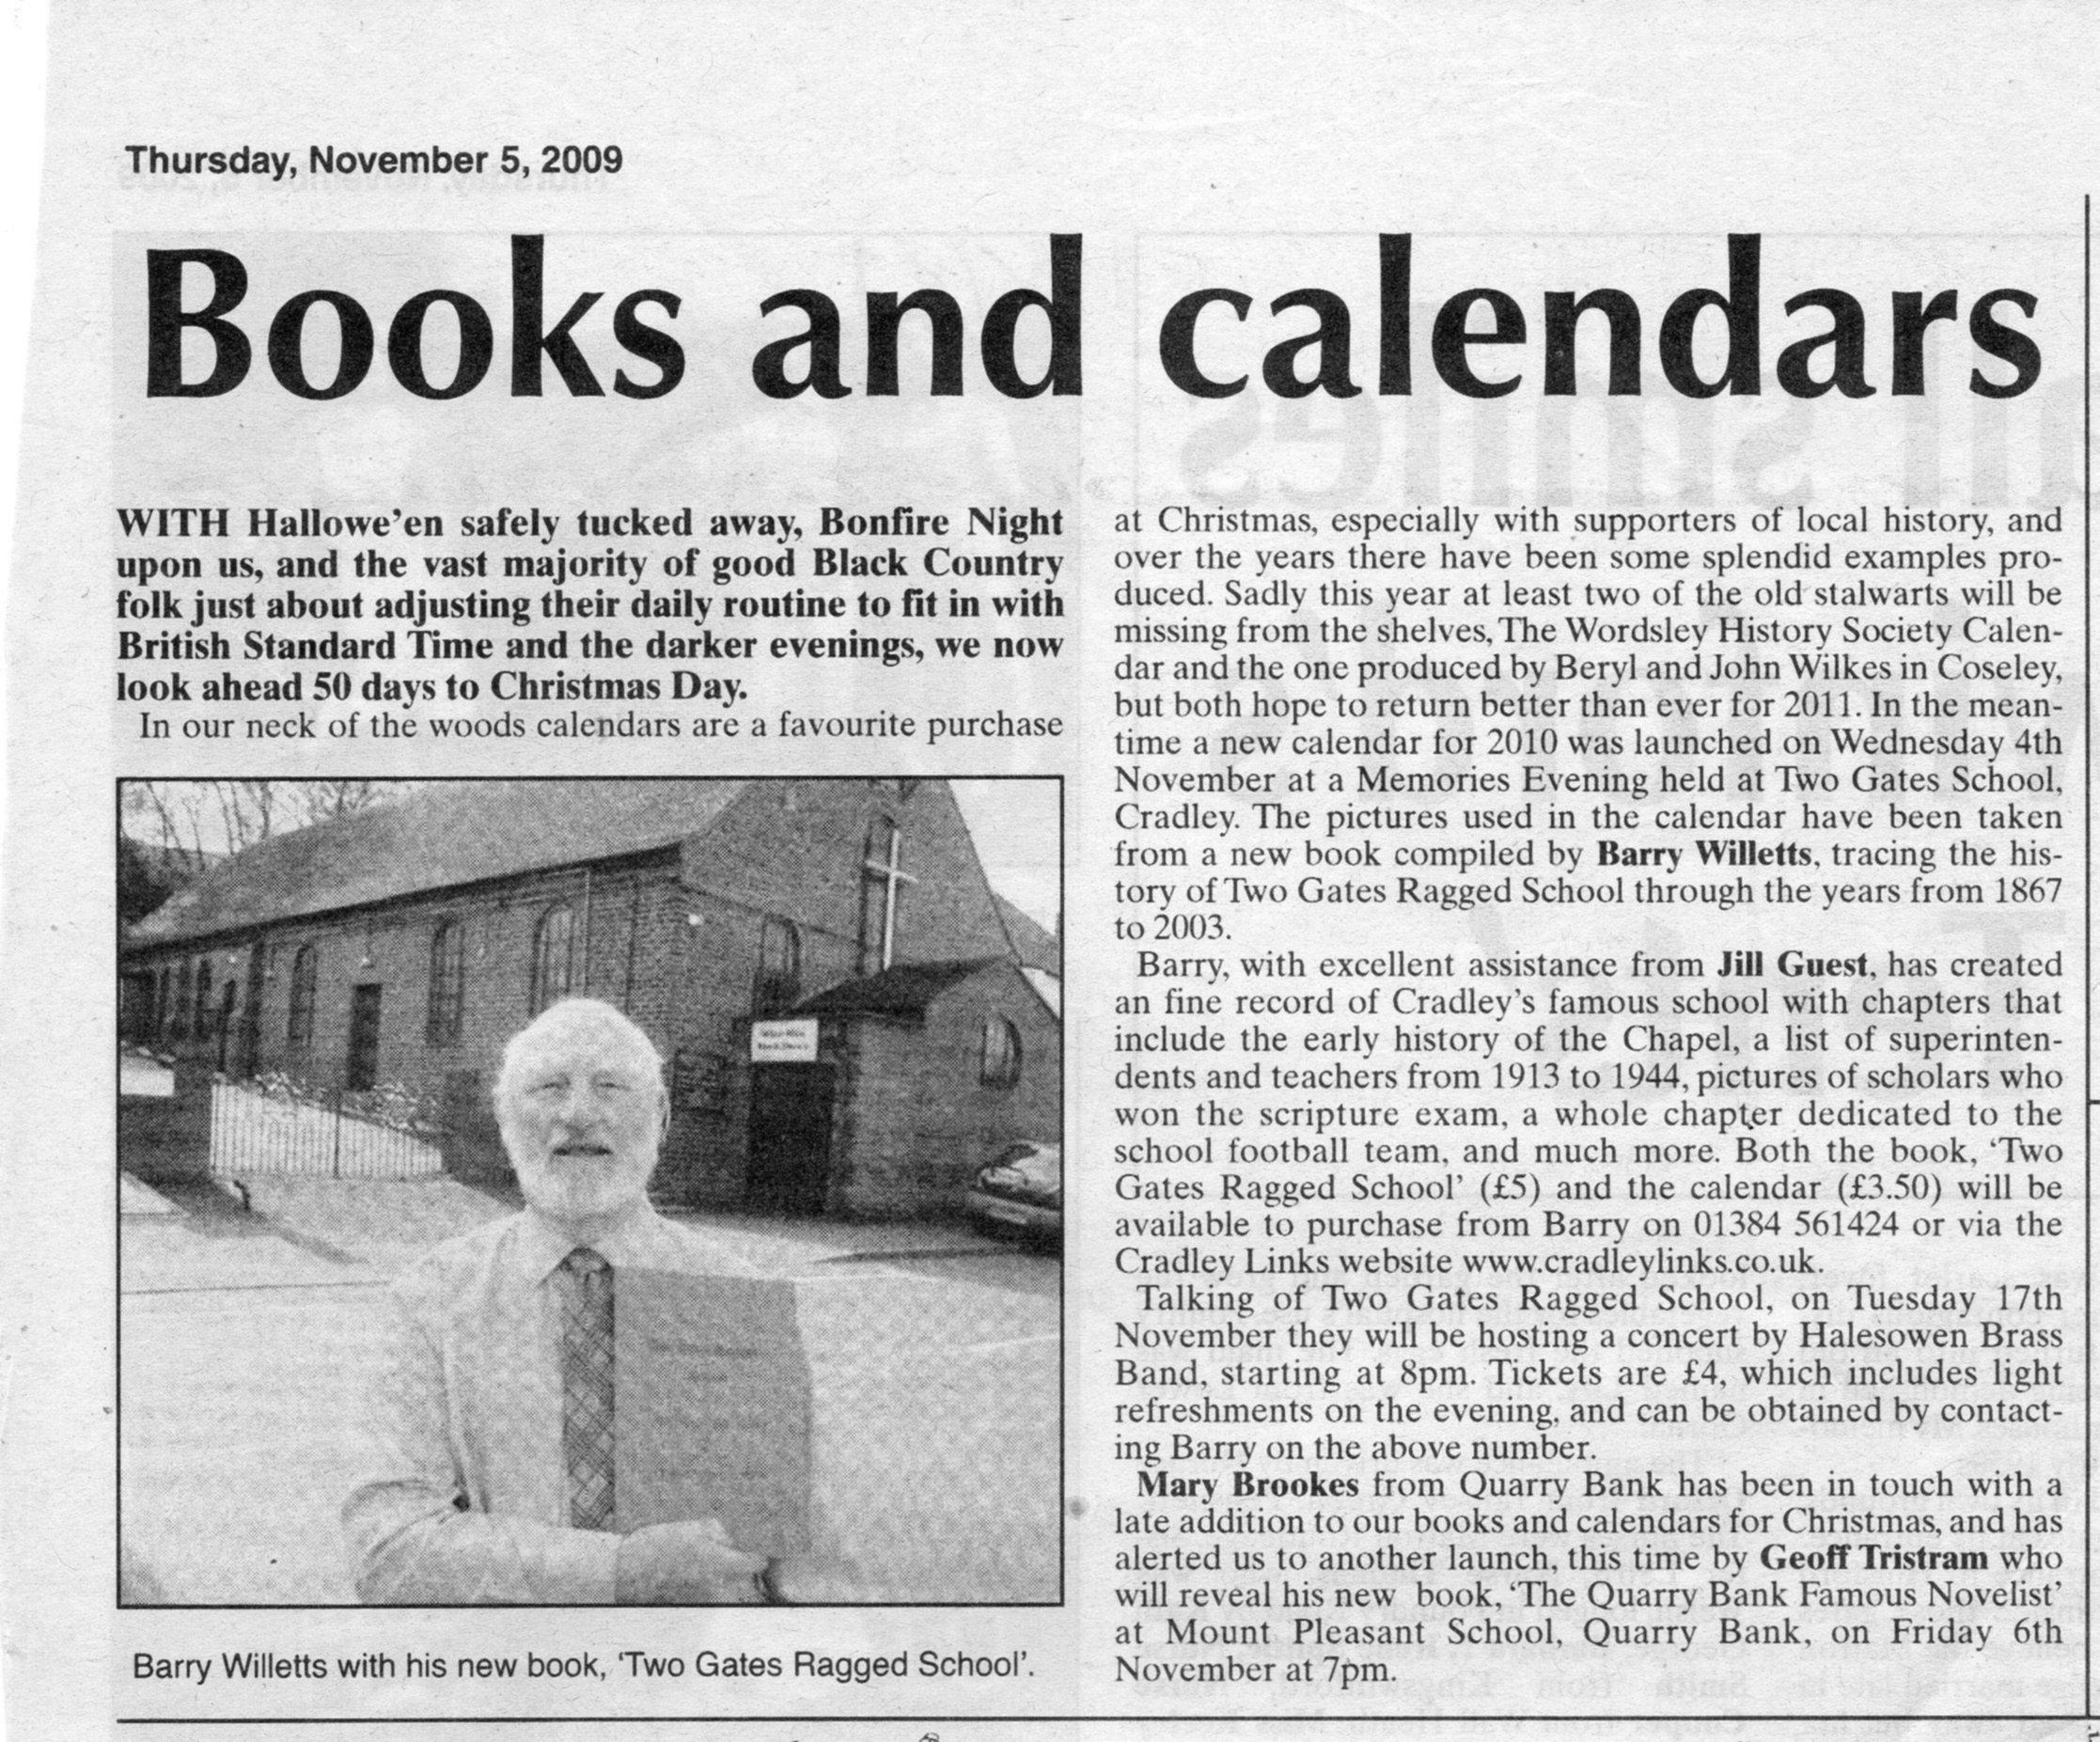 X014_PRESS_Books-and-Calendars[2009_11-05]